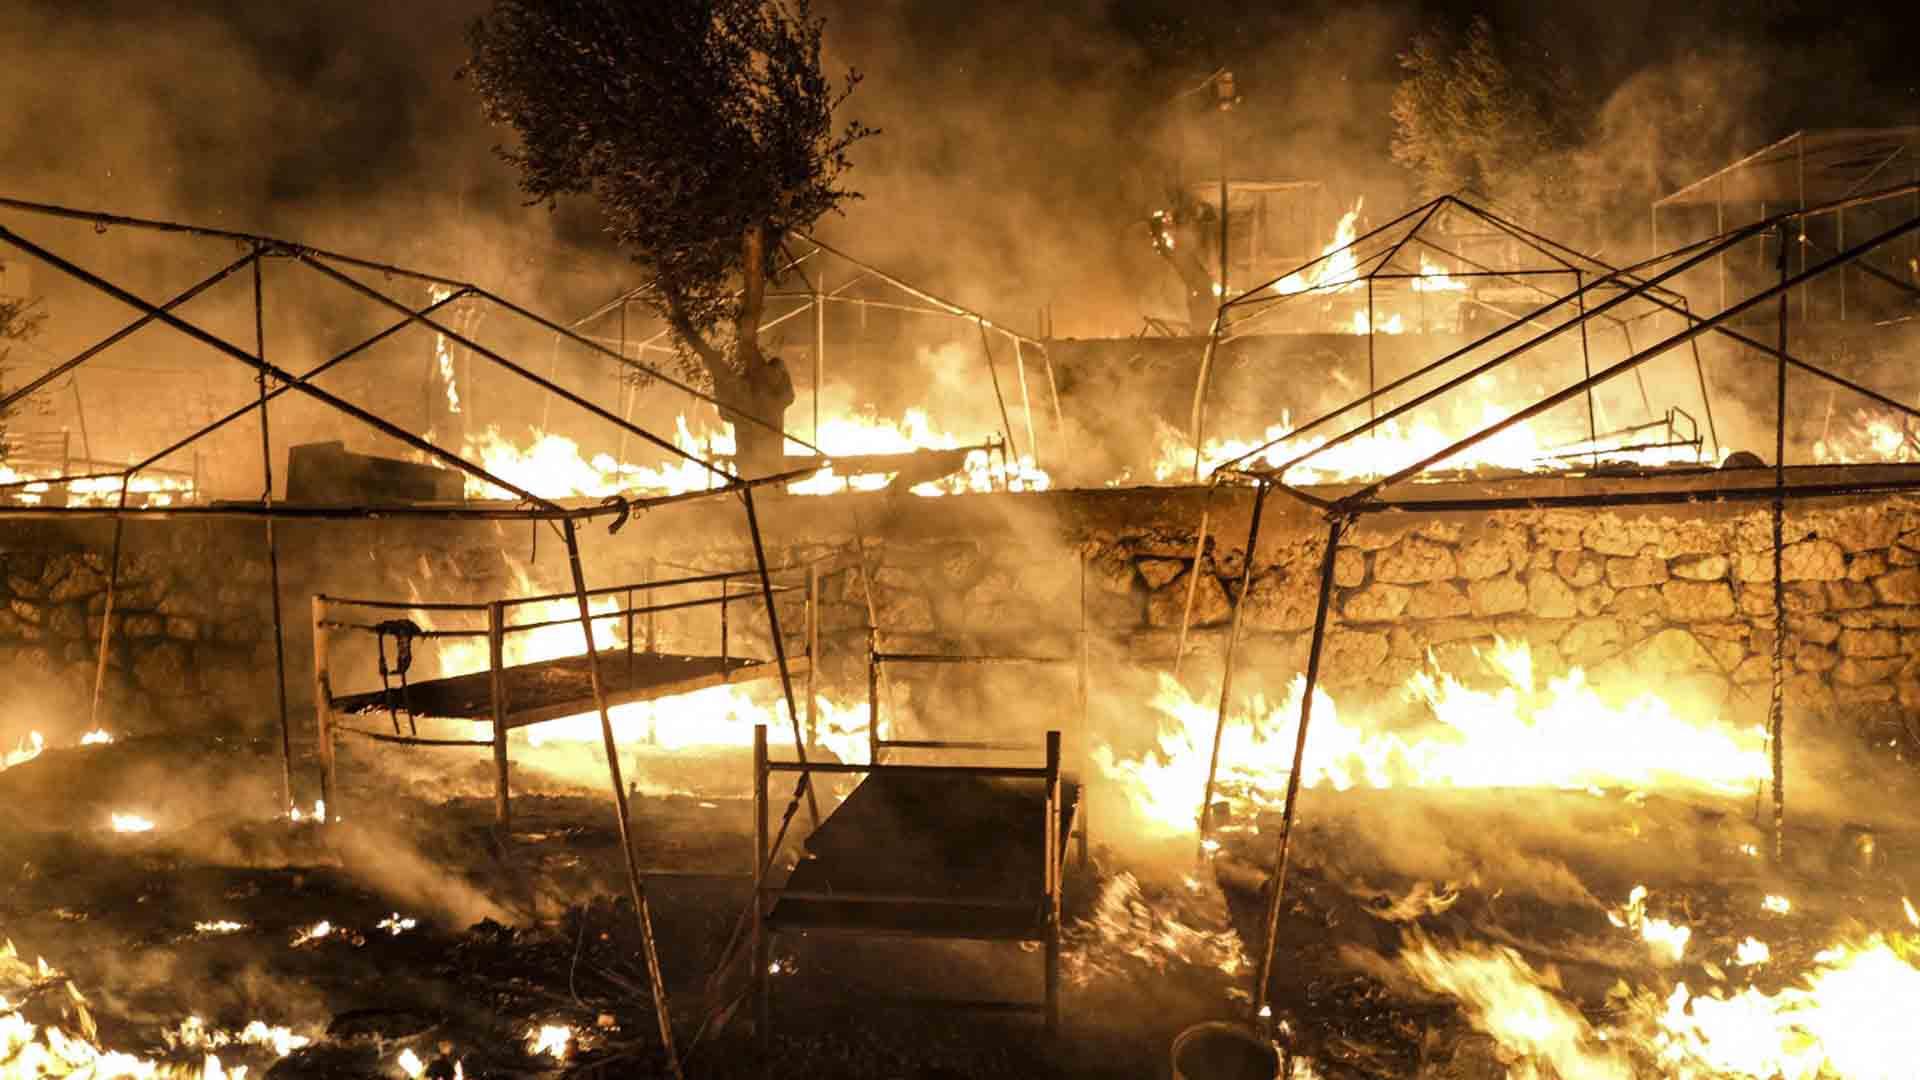 Il campo profughi a Lesbo è cenere. La testimonianza dal disastro